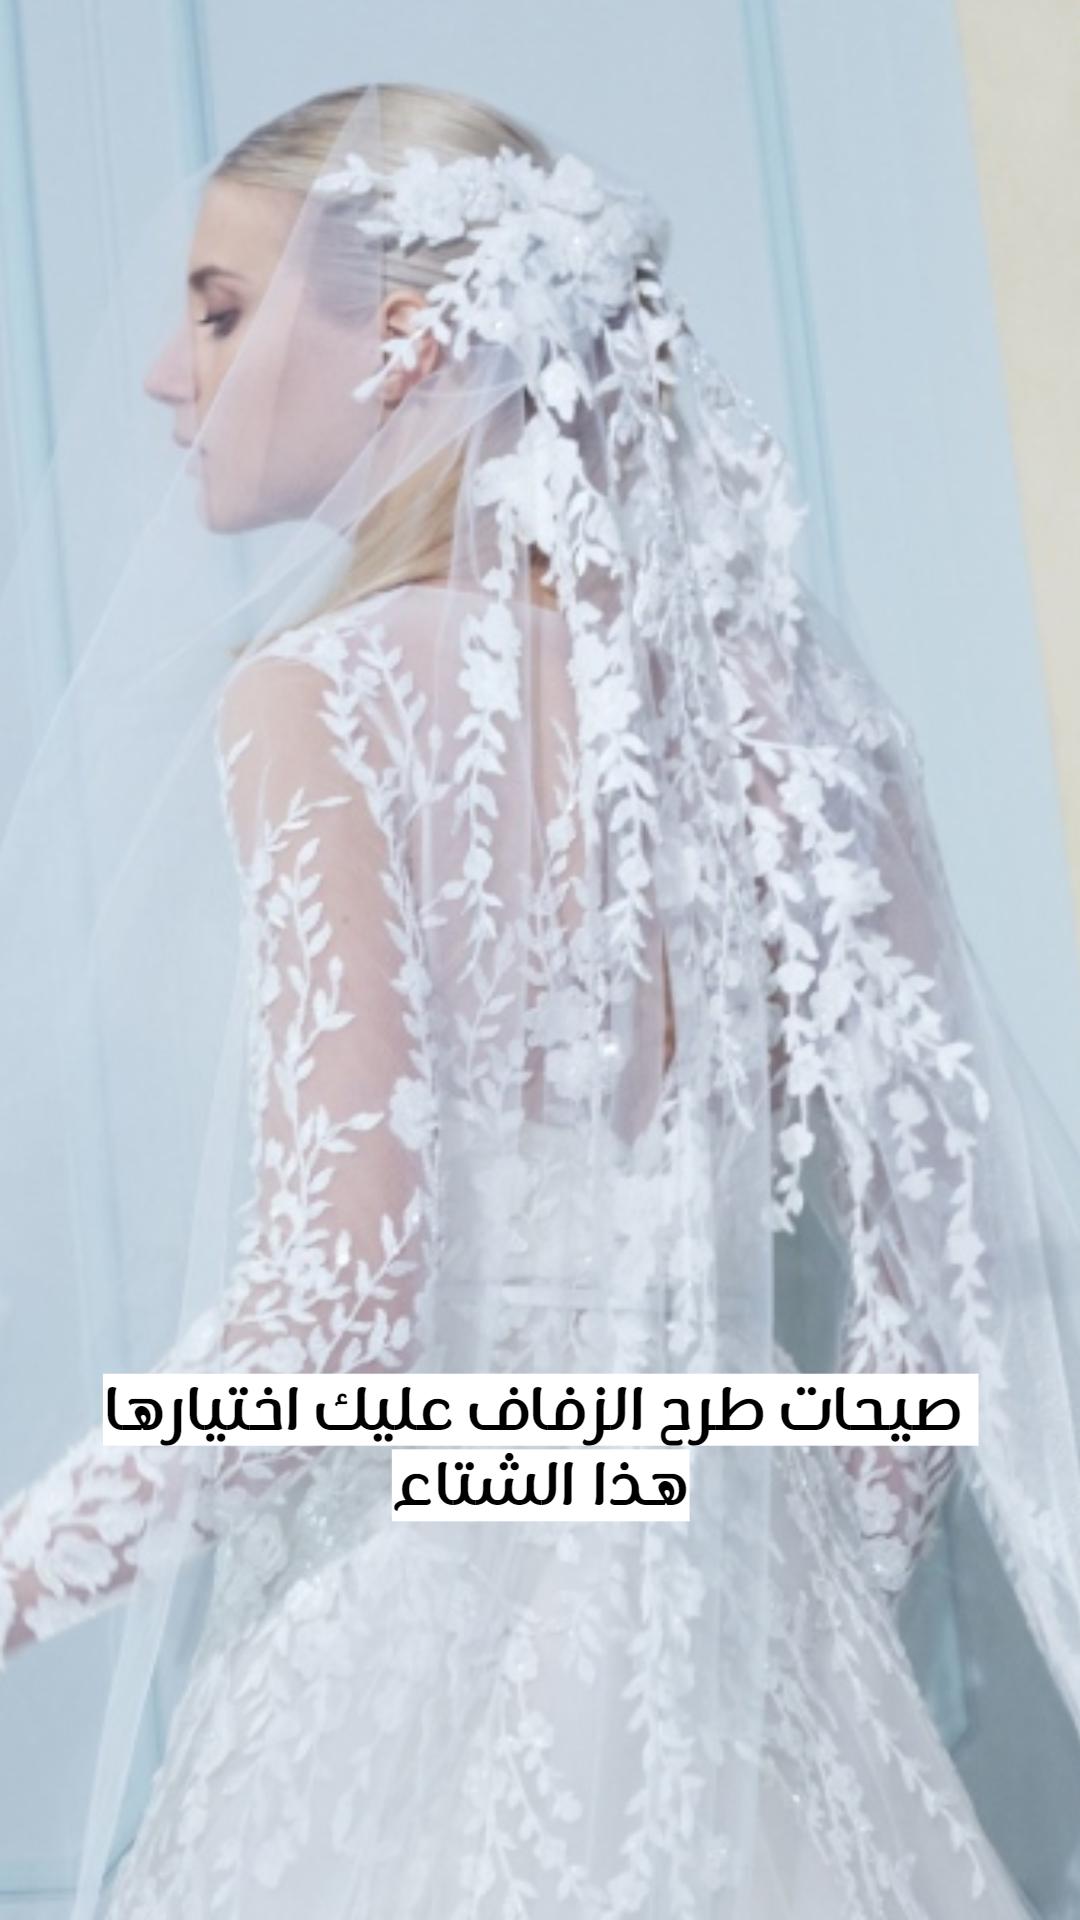 صيحات طرح الزفاف عليك اختيارها هذا الشتاء Wedding Dresses Dresses Fashion